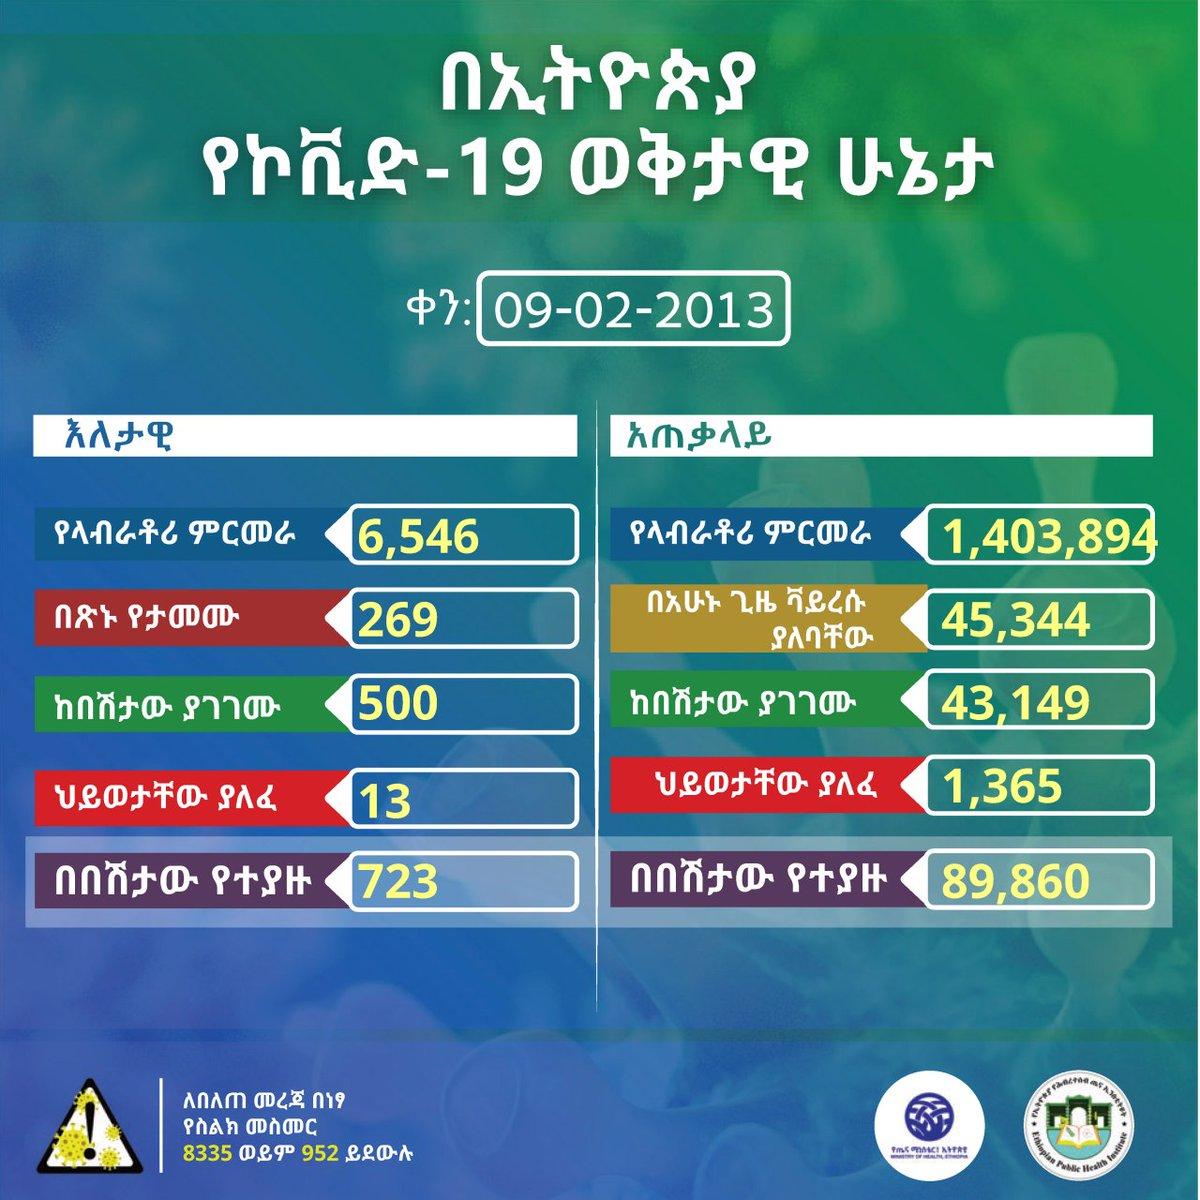 ባለፉት 24 ሰዓታት ውስጥ በተደረገ 6,546 የላቦራቶሪ ናሙና ምርመራ 723 ሰዎች በኮሮና ቫይረስ መያዛቸው ተረጋግጧል።  በአጠቃላይ እስካሁን በቫይረሱ የተያዙ ሰዎች ቁጥር 89,860 ደርሷል።  Status update on #covid19ethiopia https://t.co/suRcelW1Sw